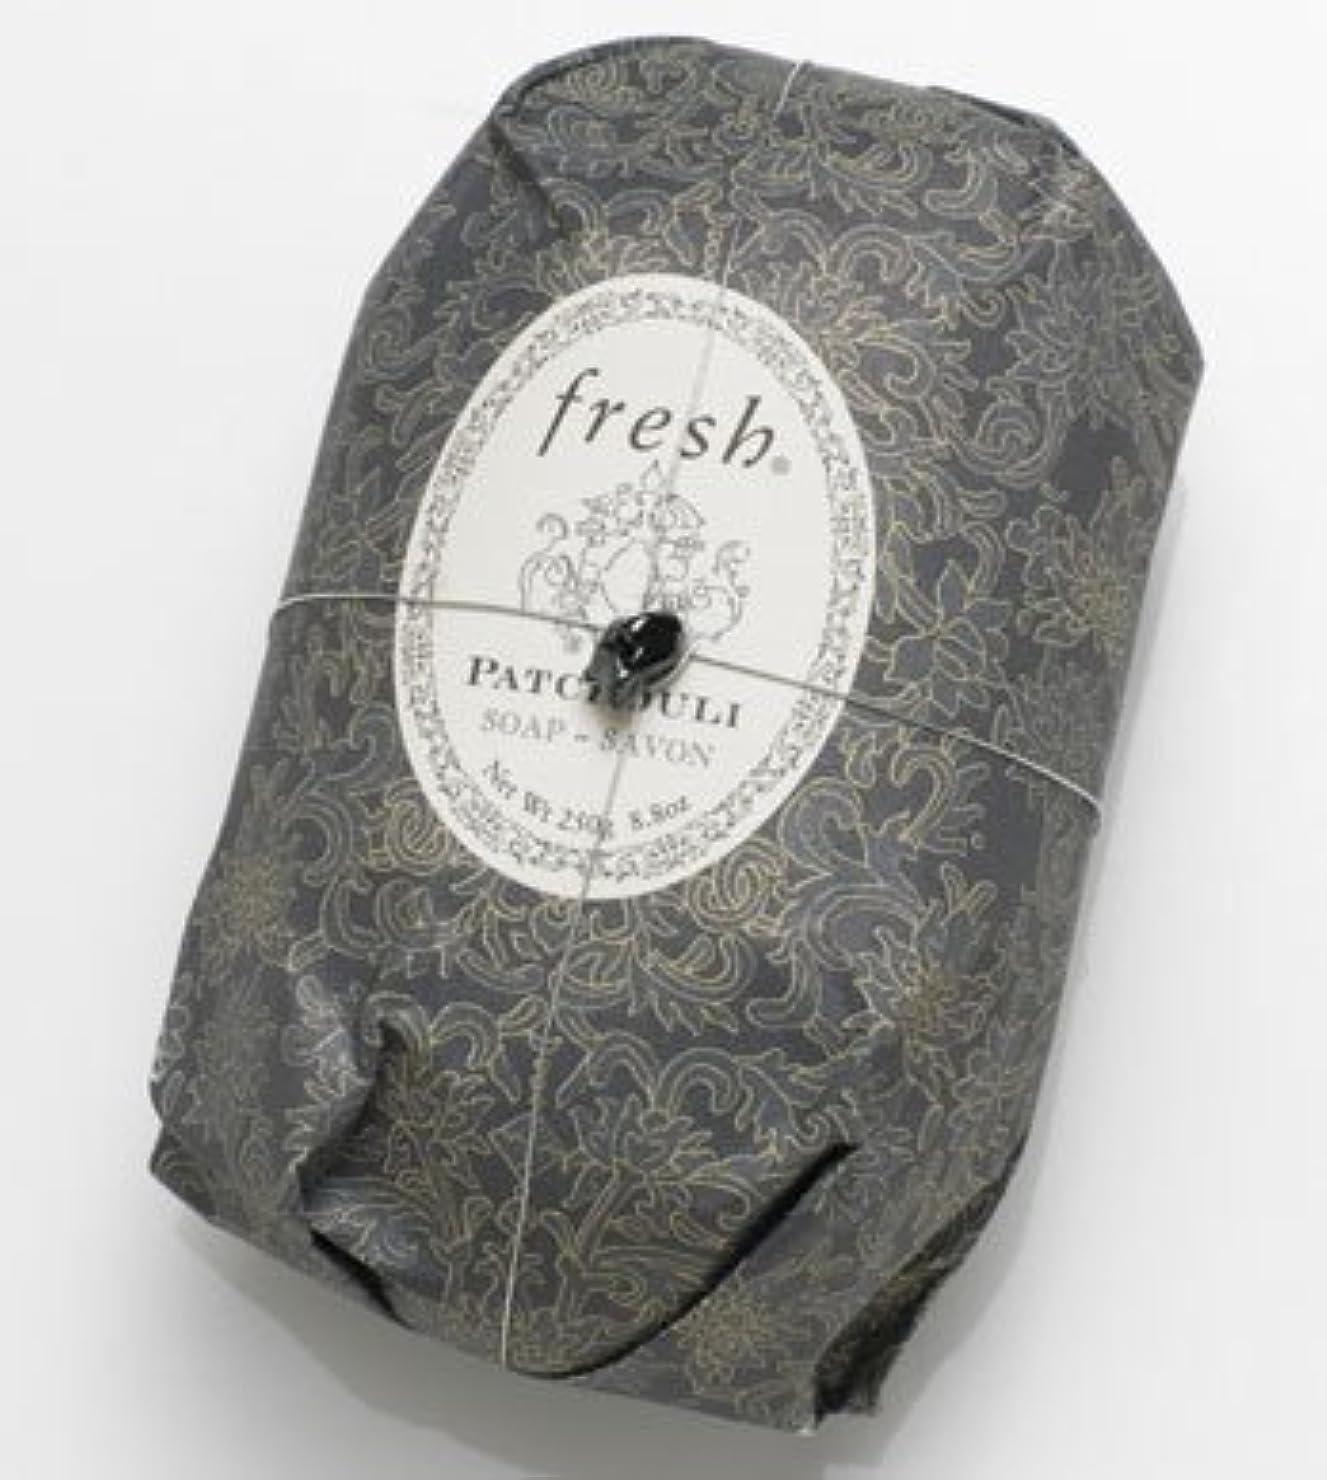 報酬不適切なアクチュエータFresh PATCHOULI SOAP (フレッシュ パチョリ ソープ) 8.8 oz (250g) Soap (石鹸) by Fresh